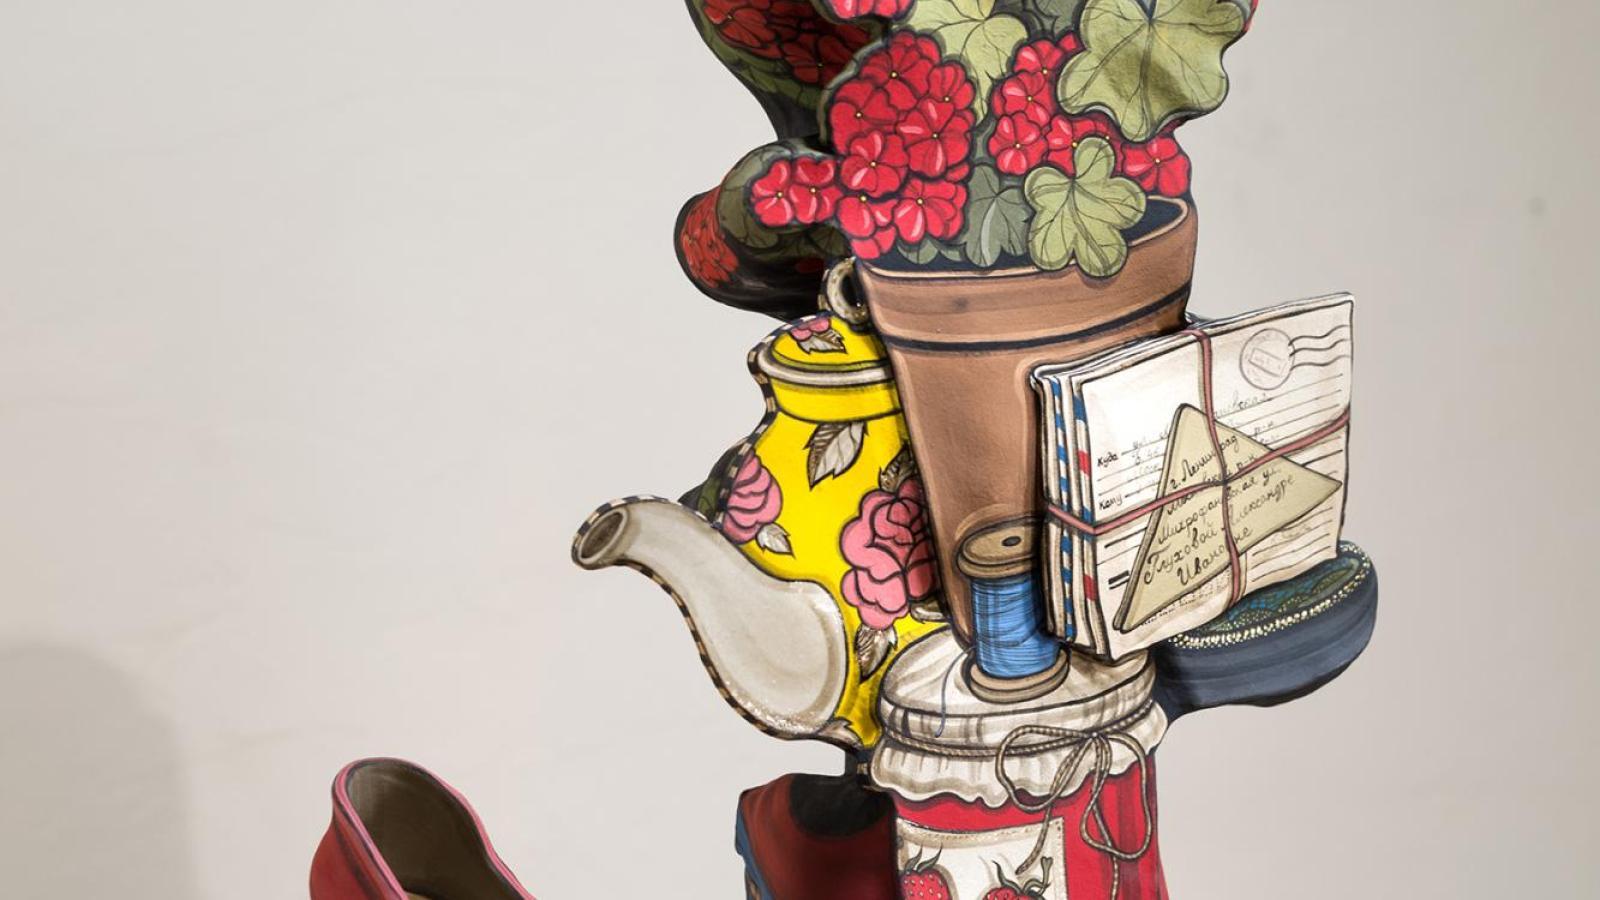 Yana Payusova artwork